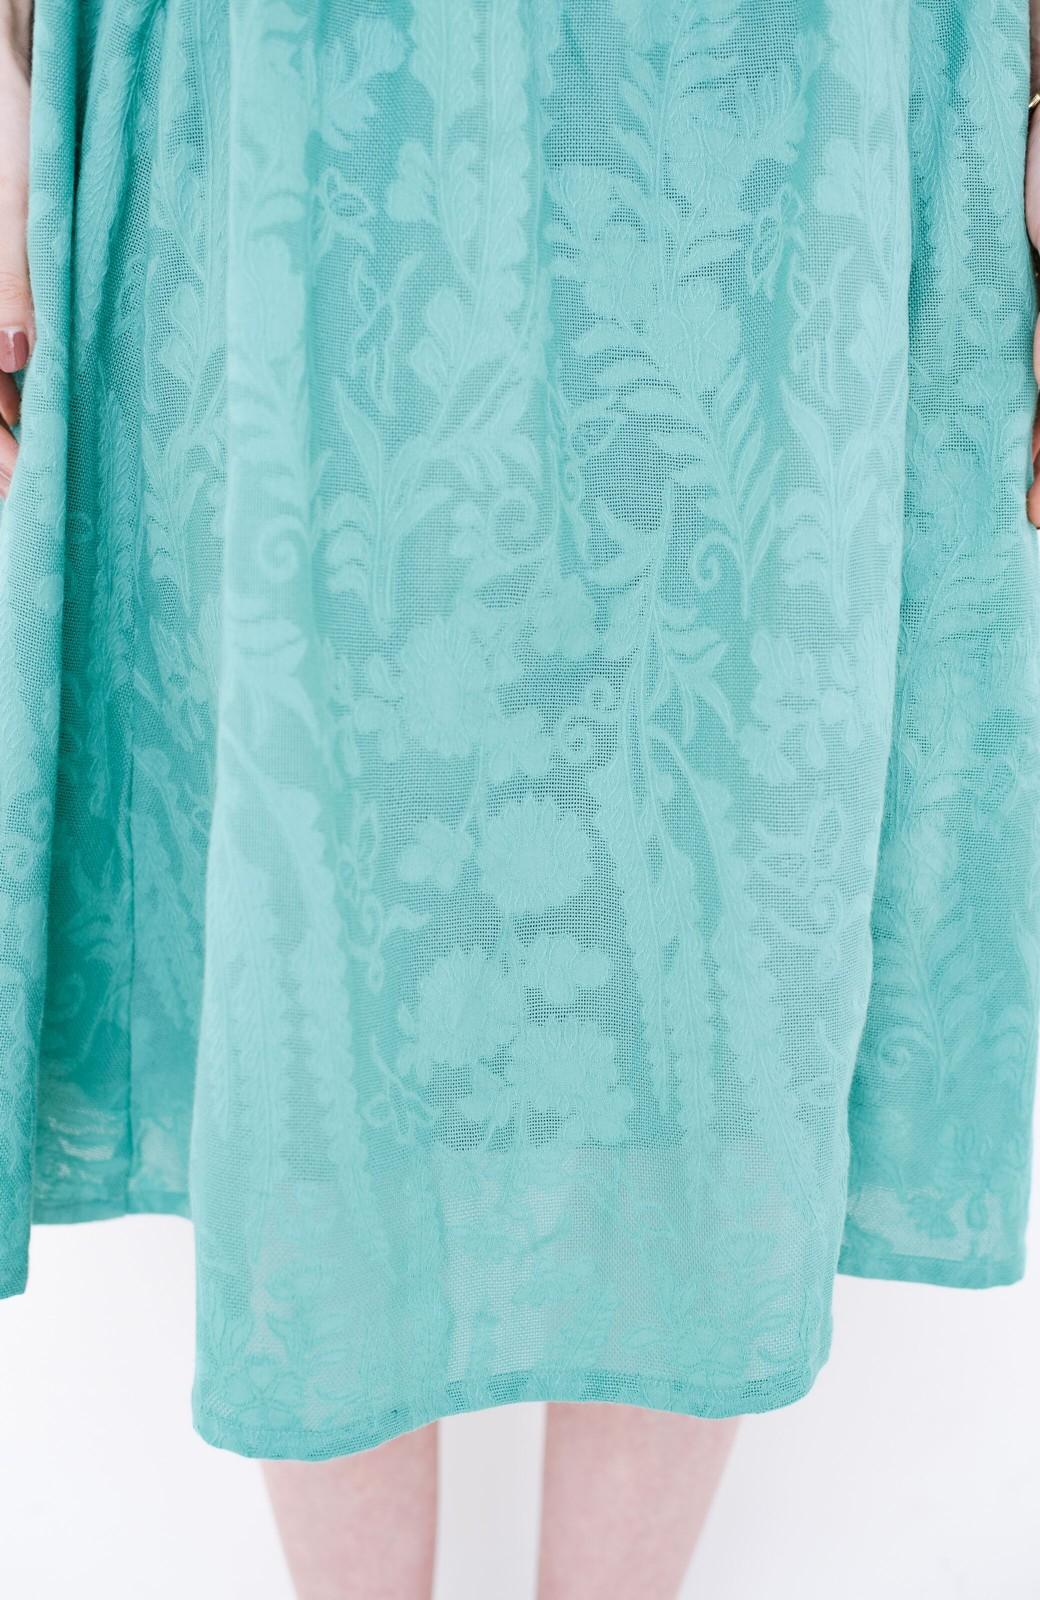 haco! 【コラボ3年目!】京都の浴衣屋さんと作った浴衣生地のスカート <グリーン>の商品写真6